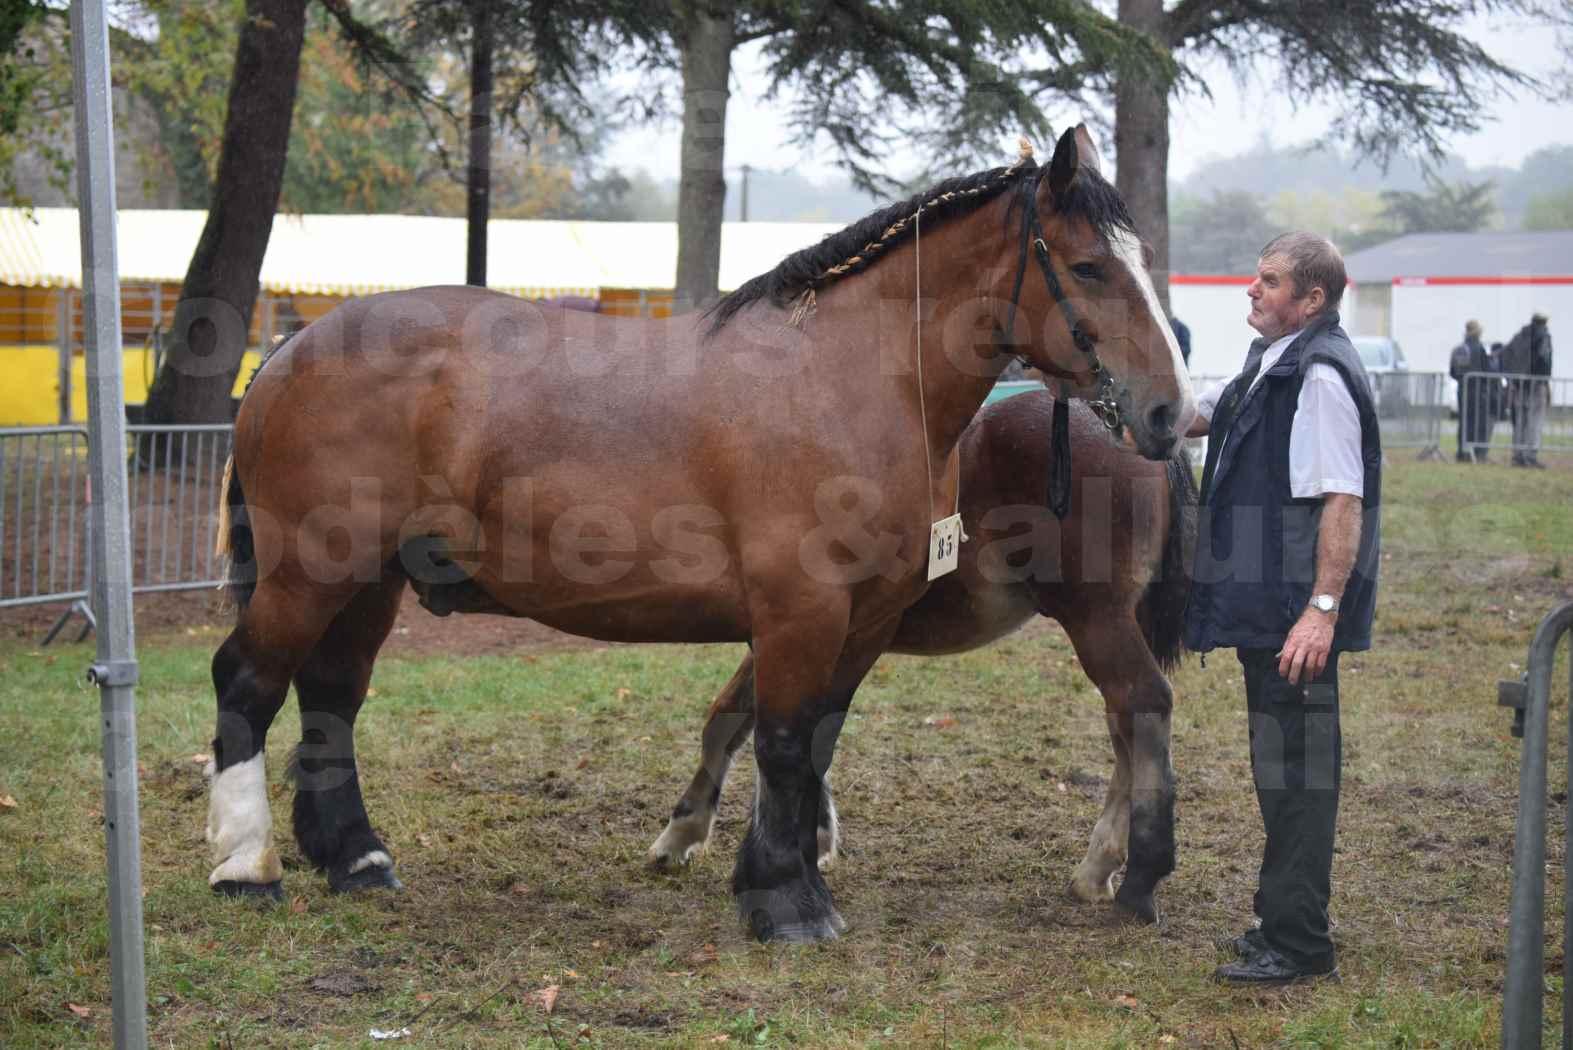 Concours Régional de chevaux de traits en 2017 - Jument Suitée - Trait BRETON - UNION 11 - 02